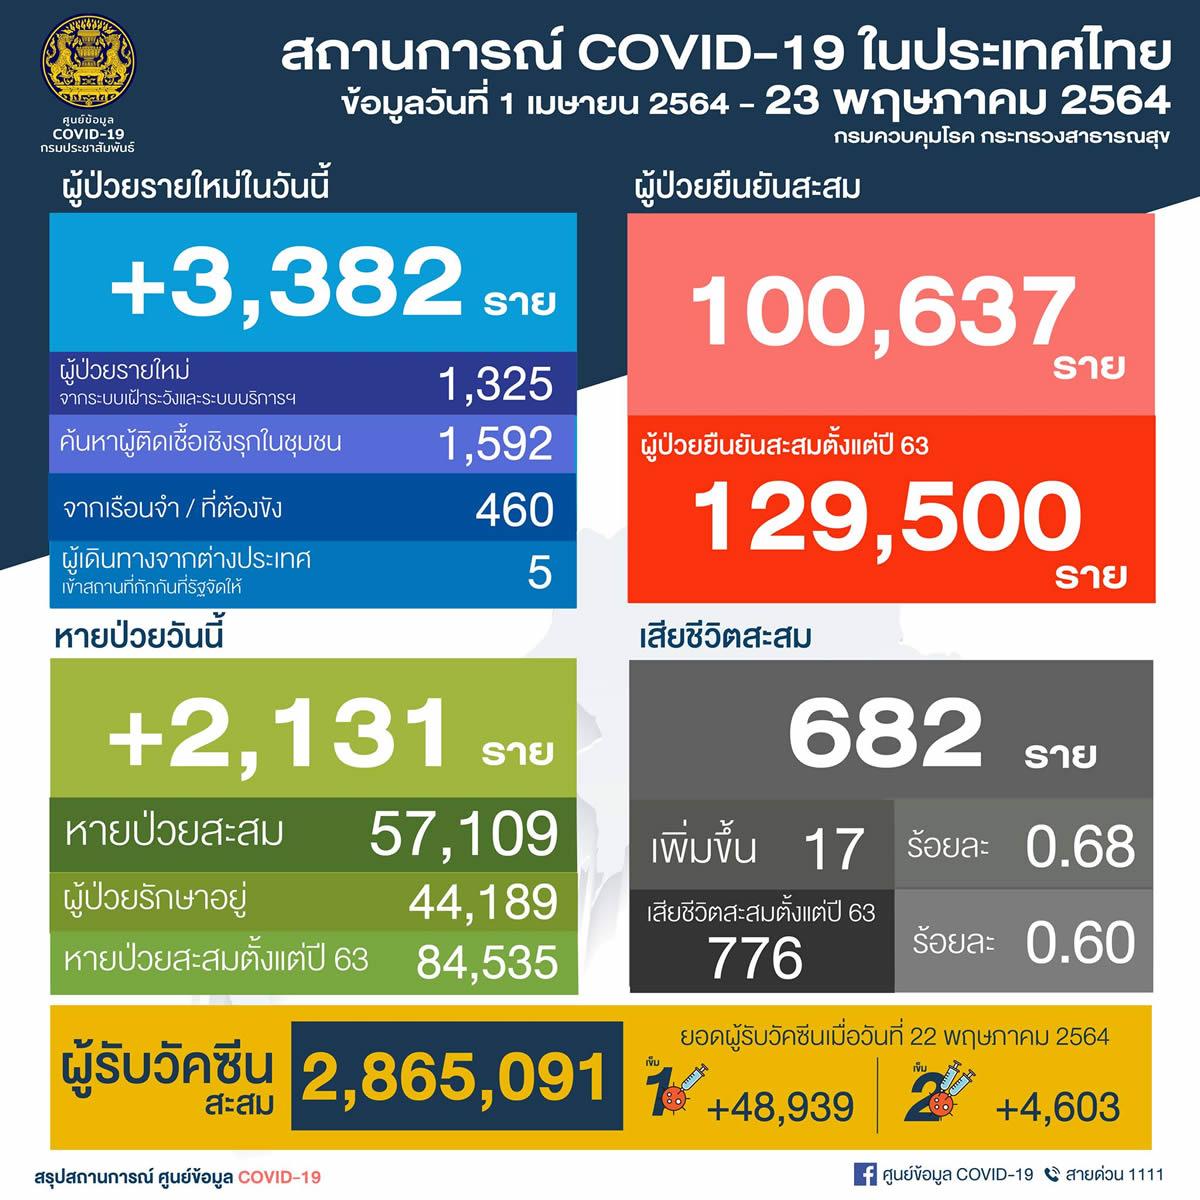 タイ 新たに陽性3,382人/ペチャブリ県は工場クラスターで968人[2021年5月23日発表]